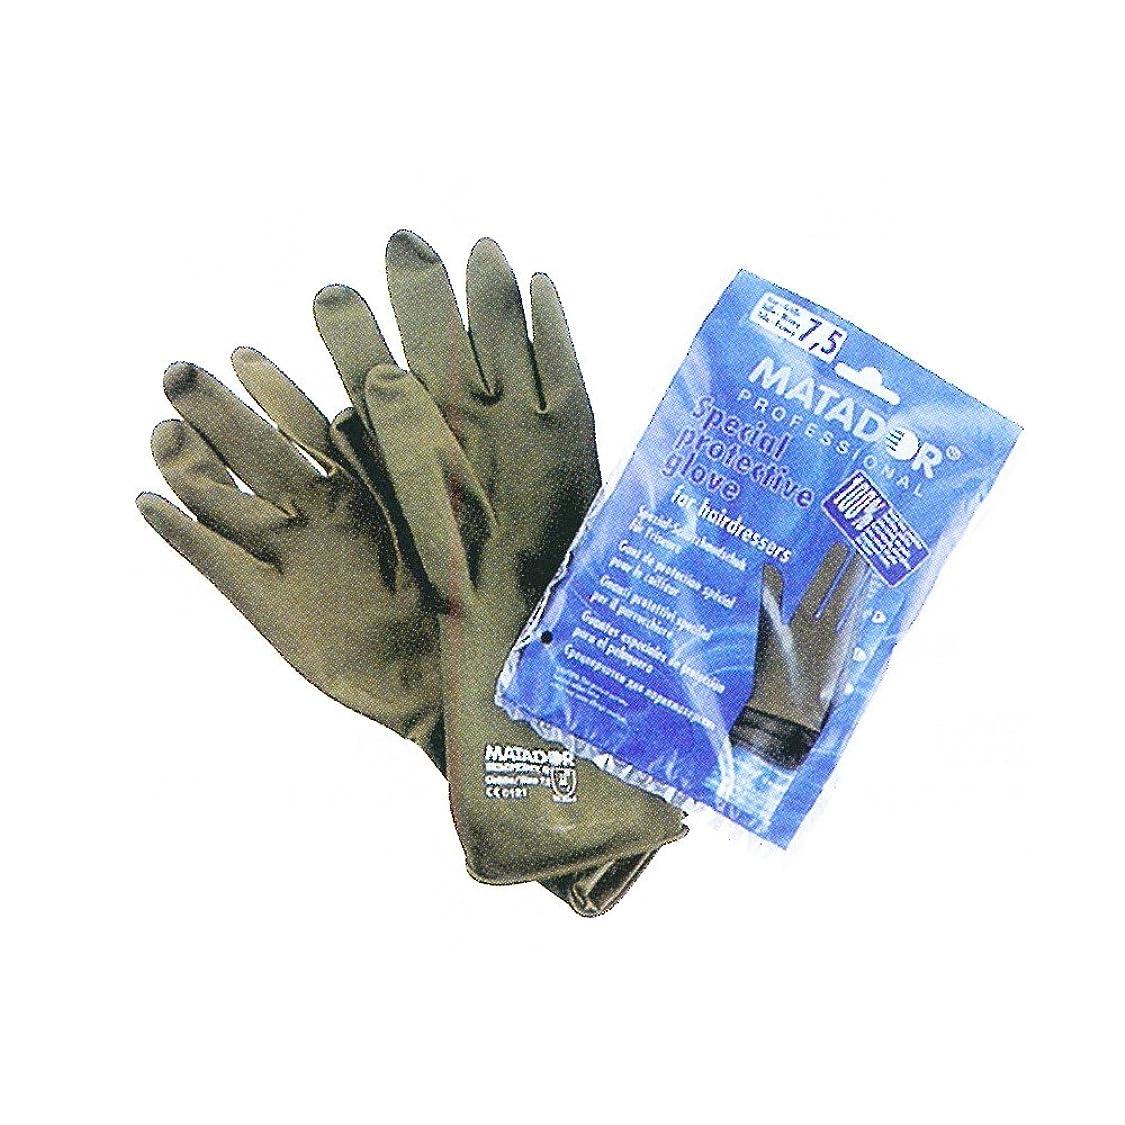 東ティモール脱臼する調和マタドールゴム手袋 6.0吋